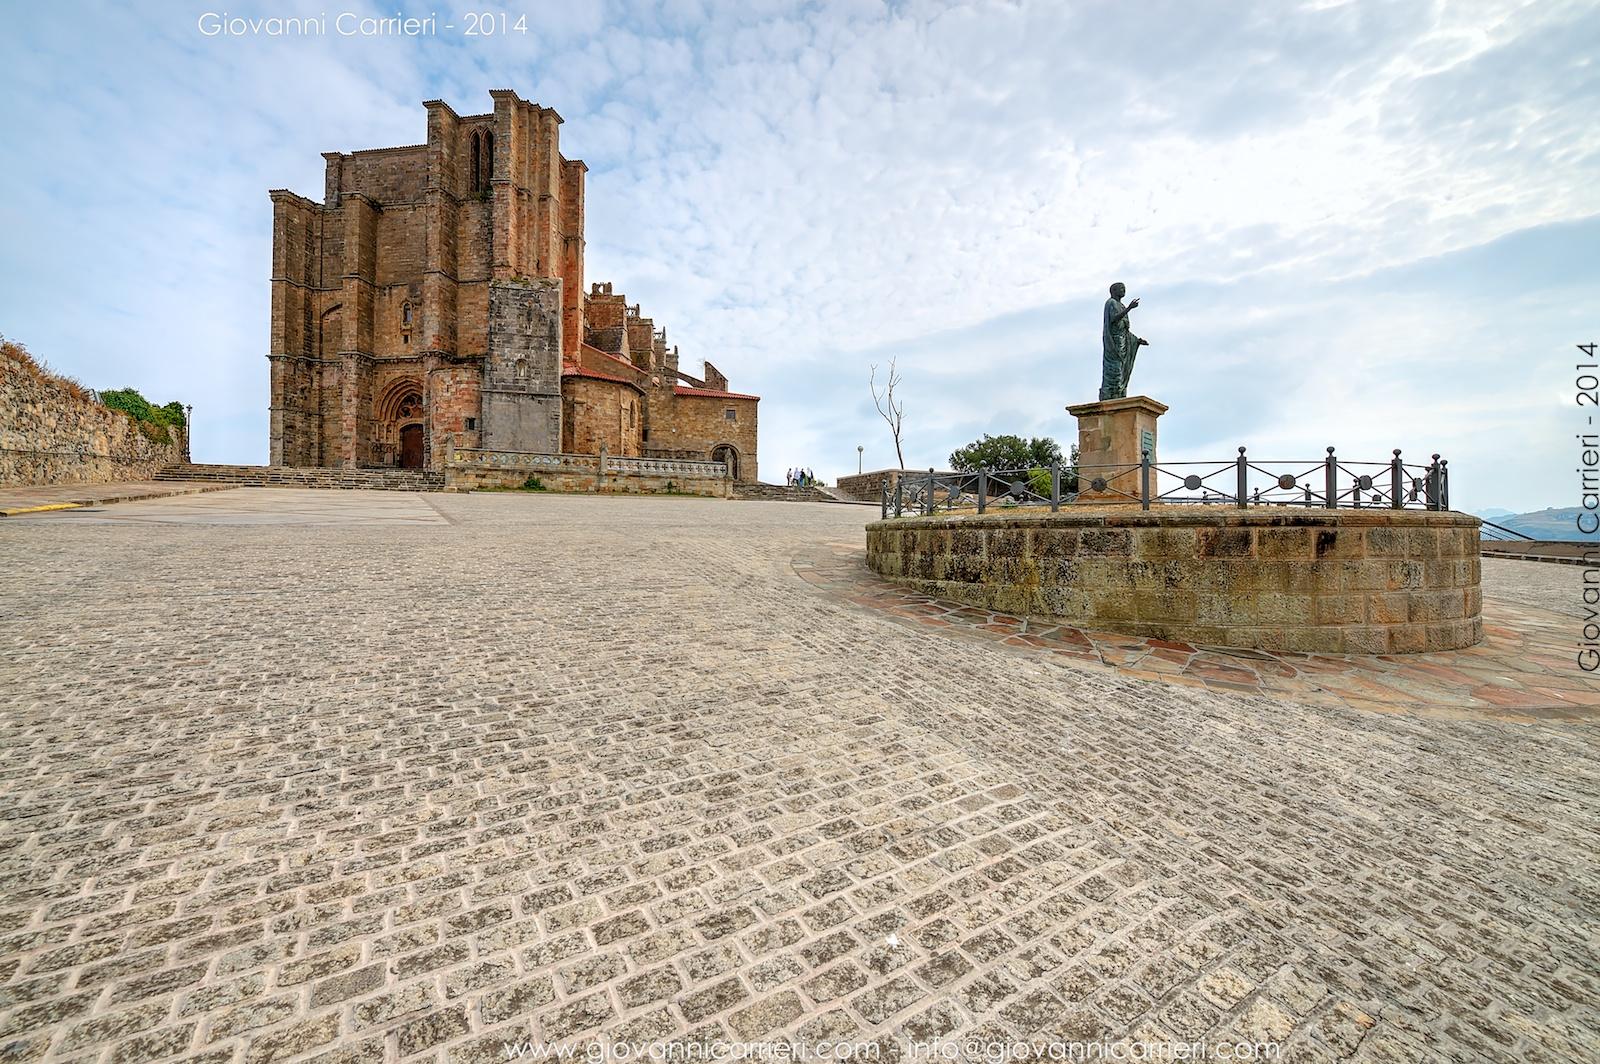 La piazzetta di fronte la chiesa di Santa Maria dell'Assunzione